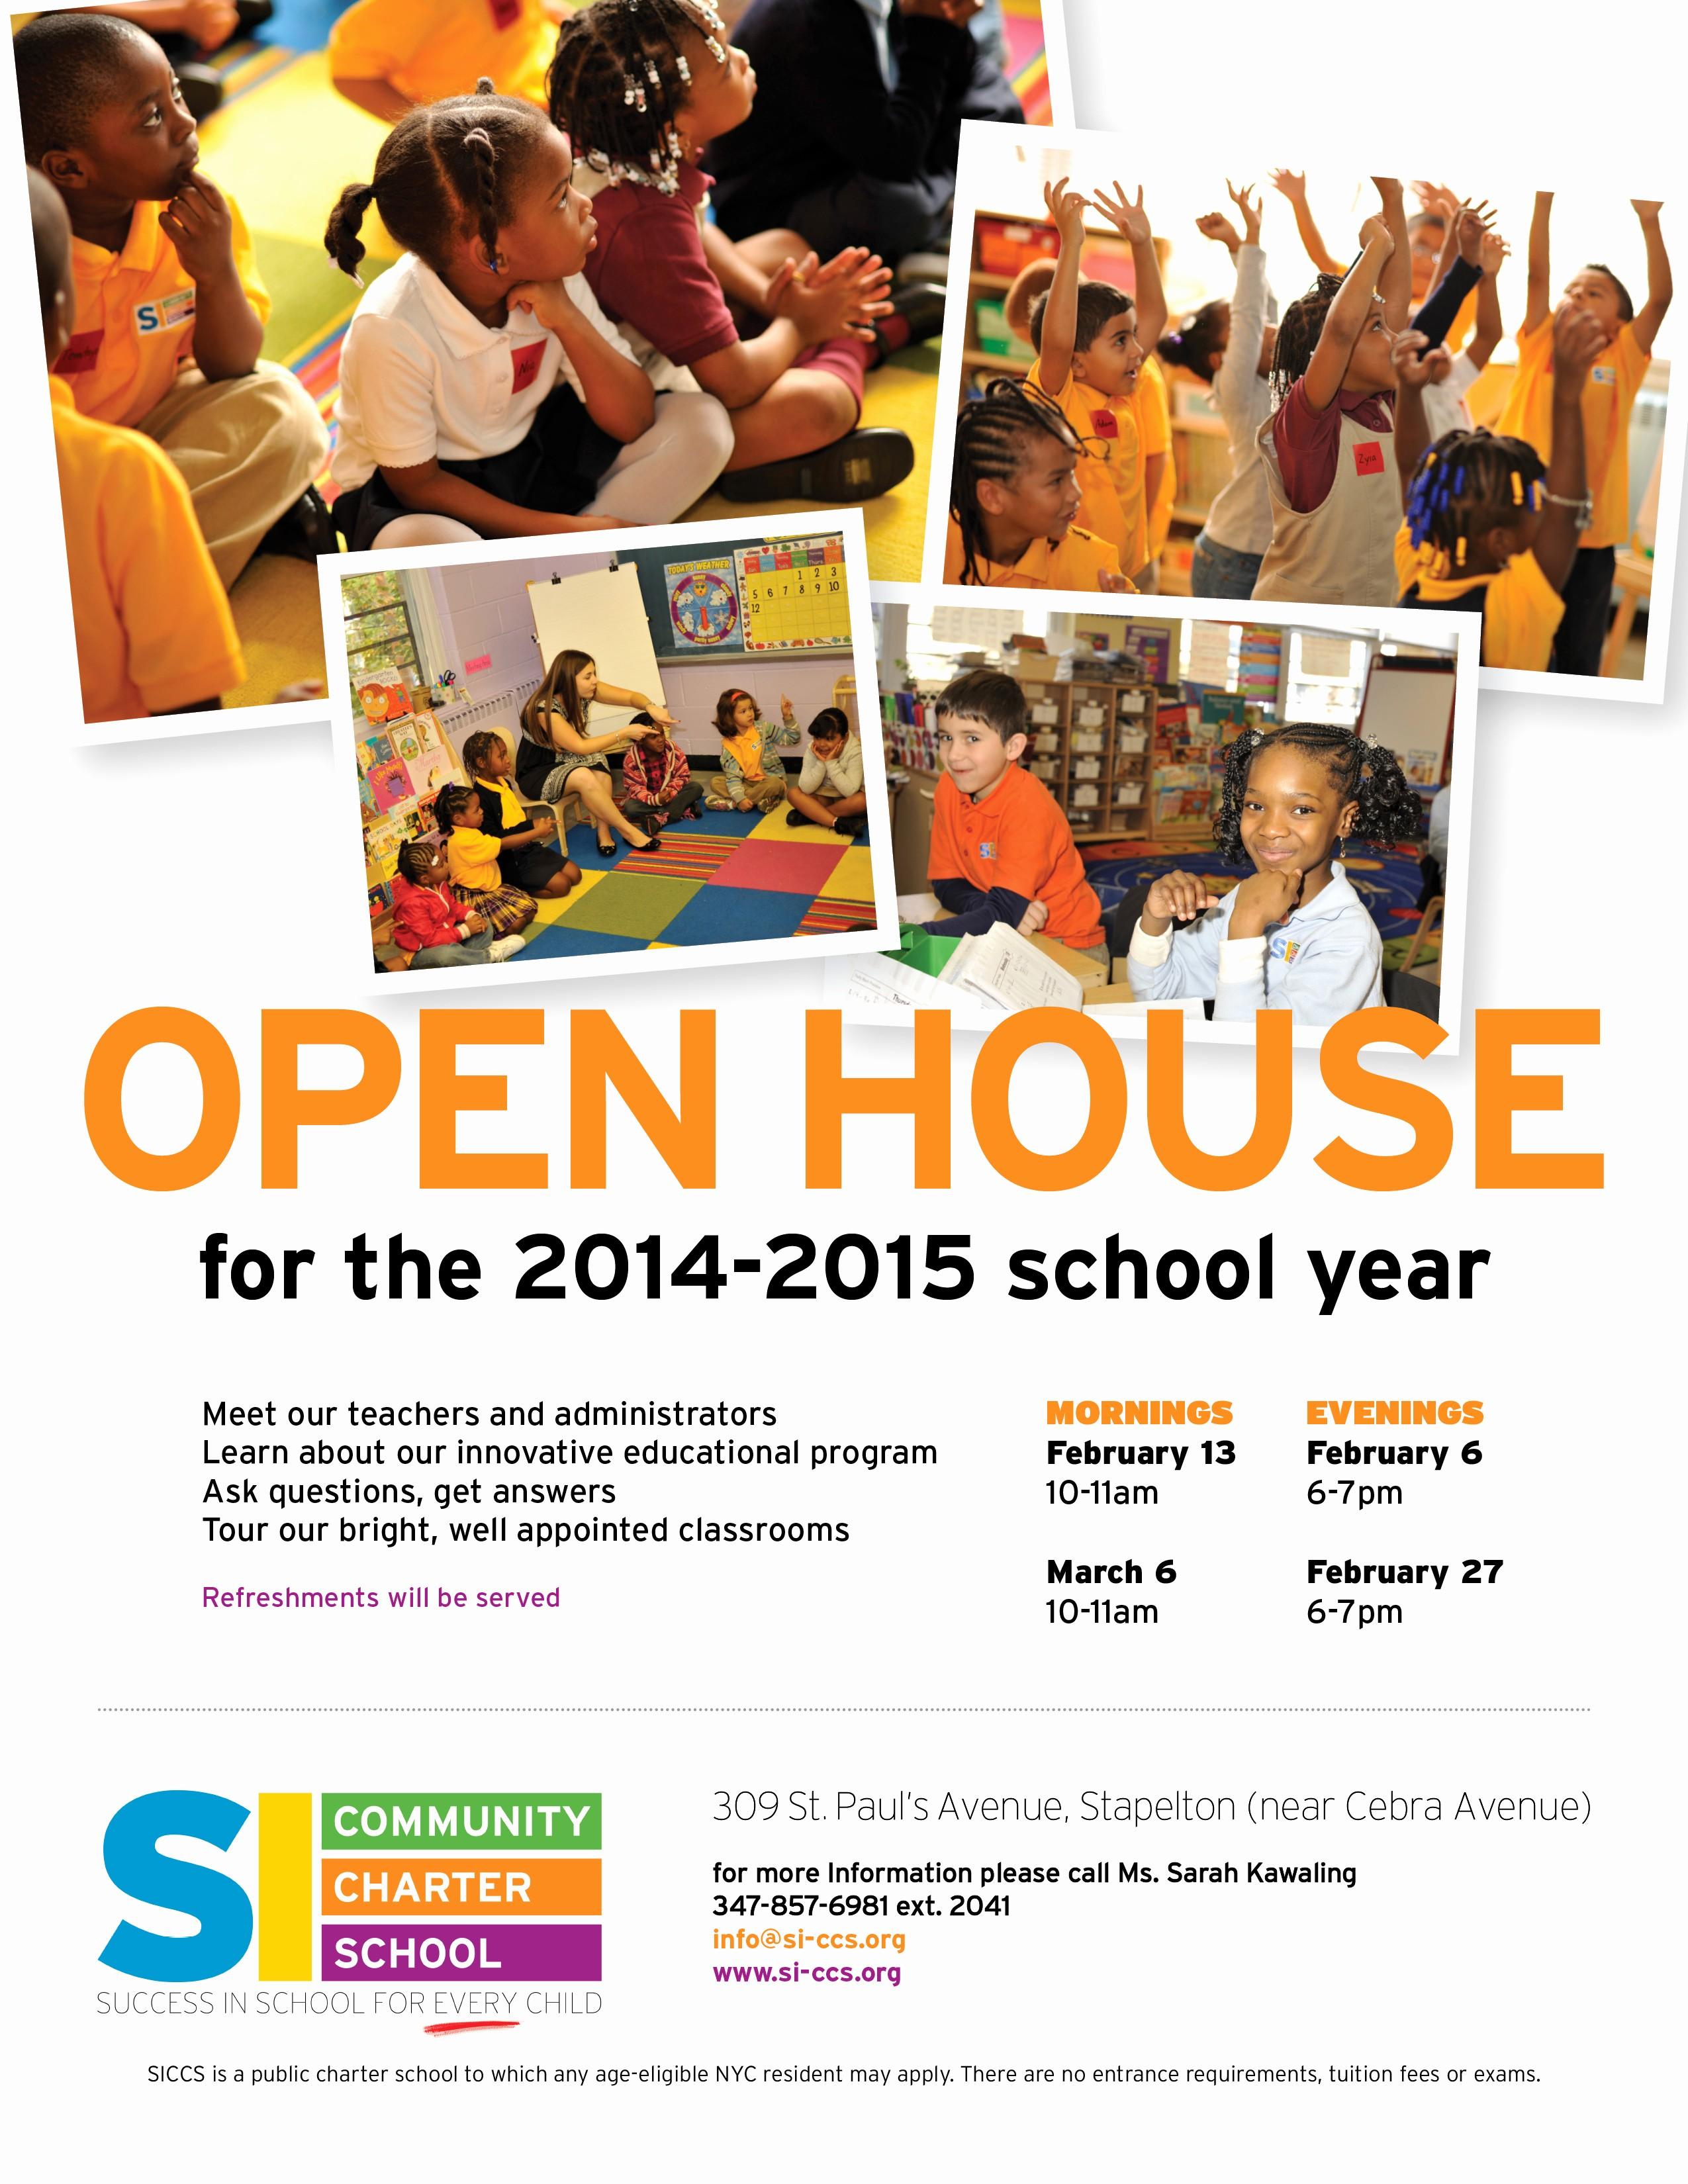 Open House Flyer for School Luxury School Open House Flyer Template Portablegasgrillweber